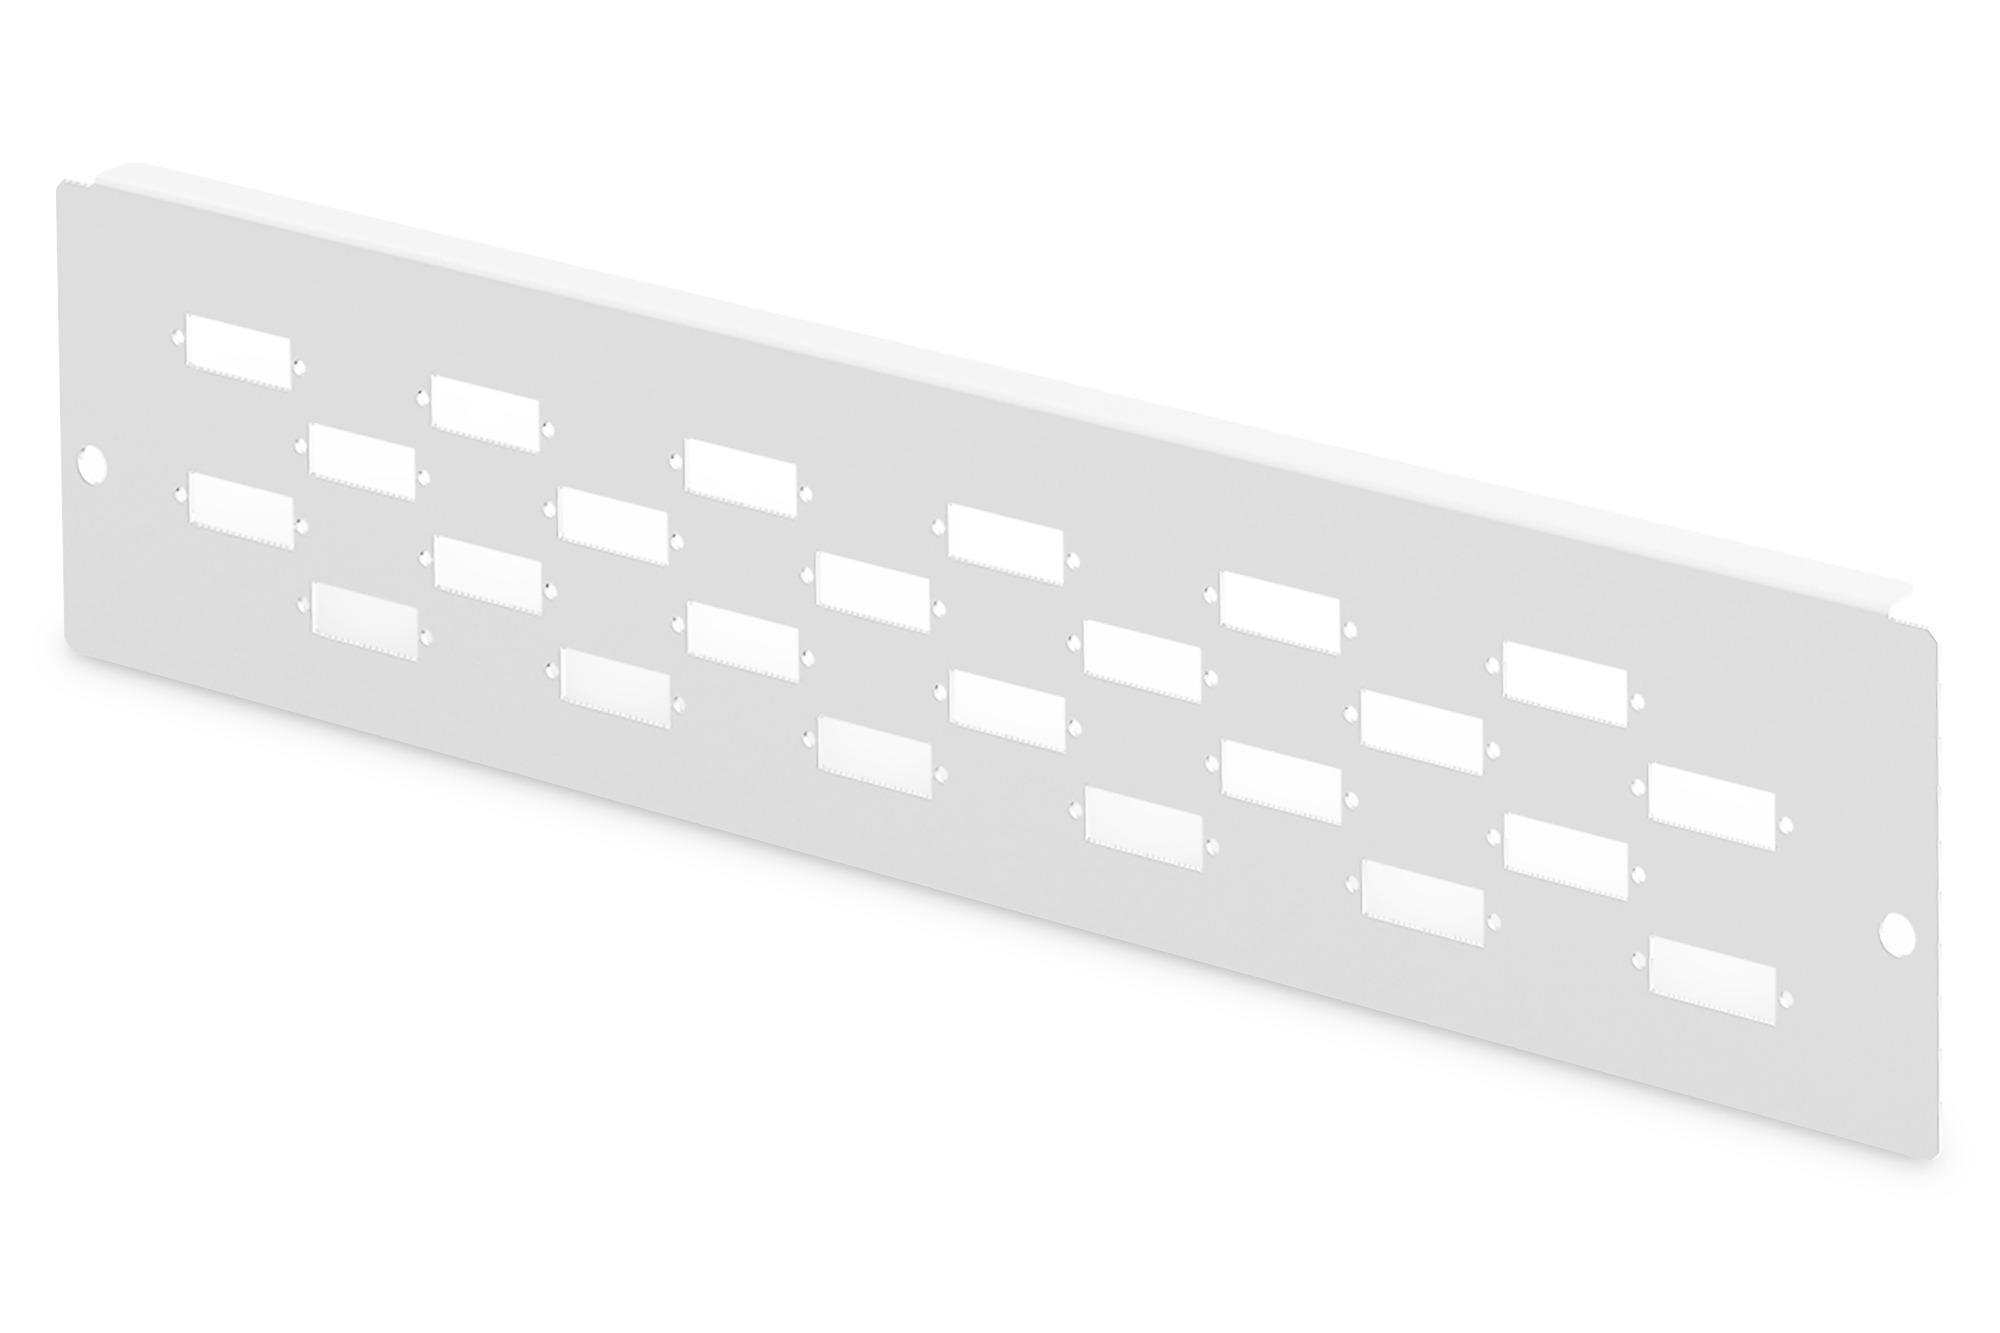 Piastra adattatore per dn-96800l-2, grigio (ral 7035) 24 sc-dx, lc-qd